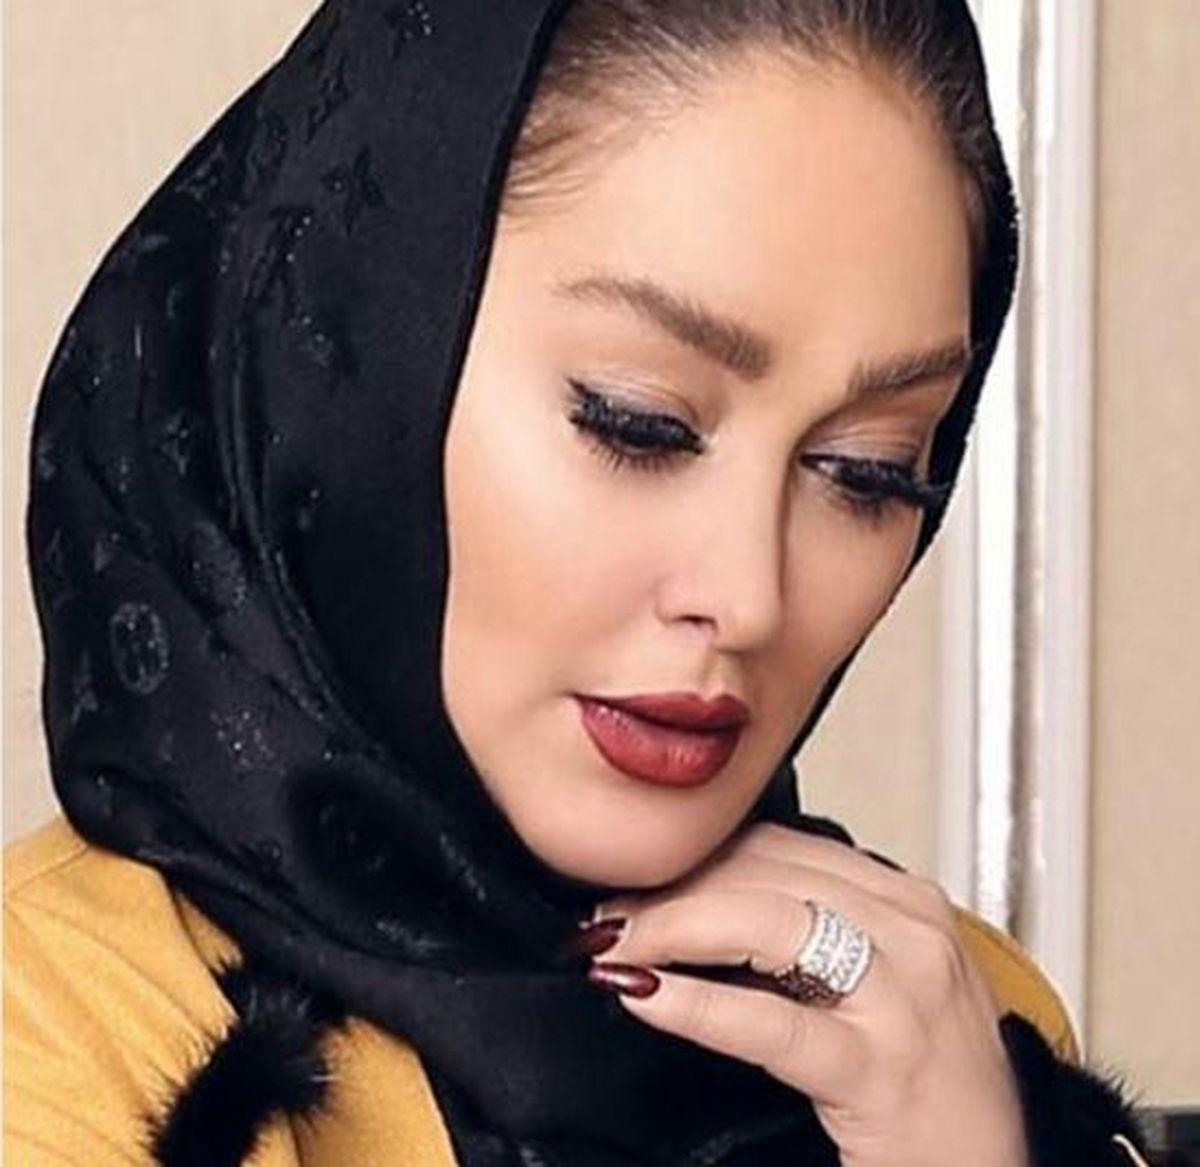 الهام حمیدی بازیگر معروف رسما وارد عرصه مدلینگ شد + عکس